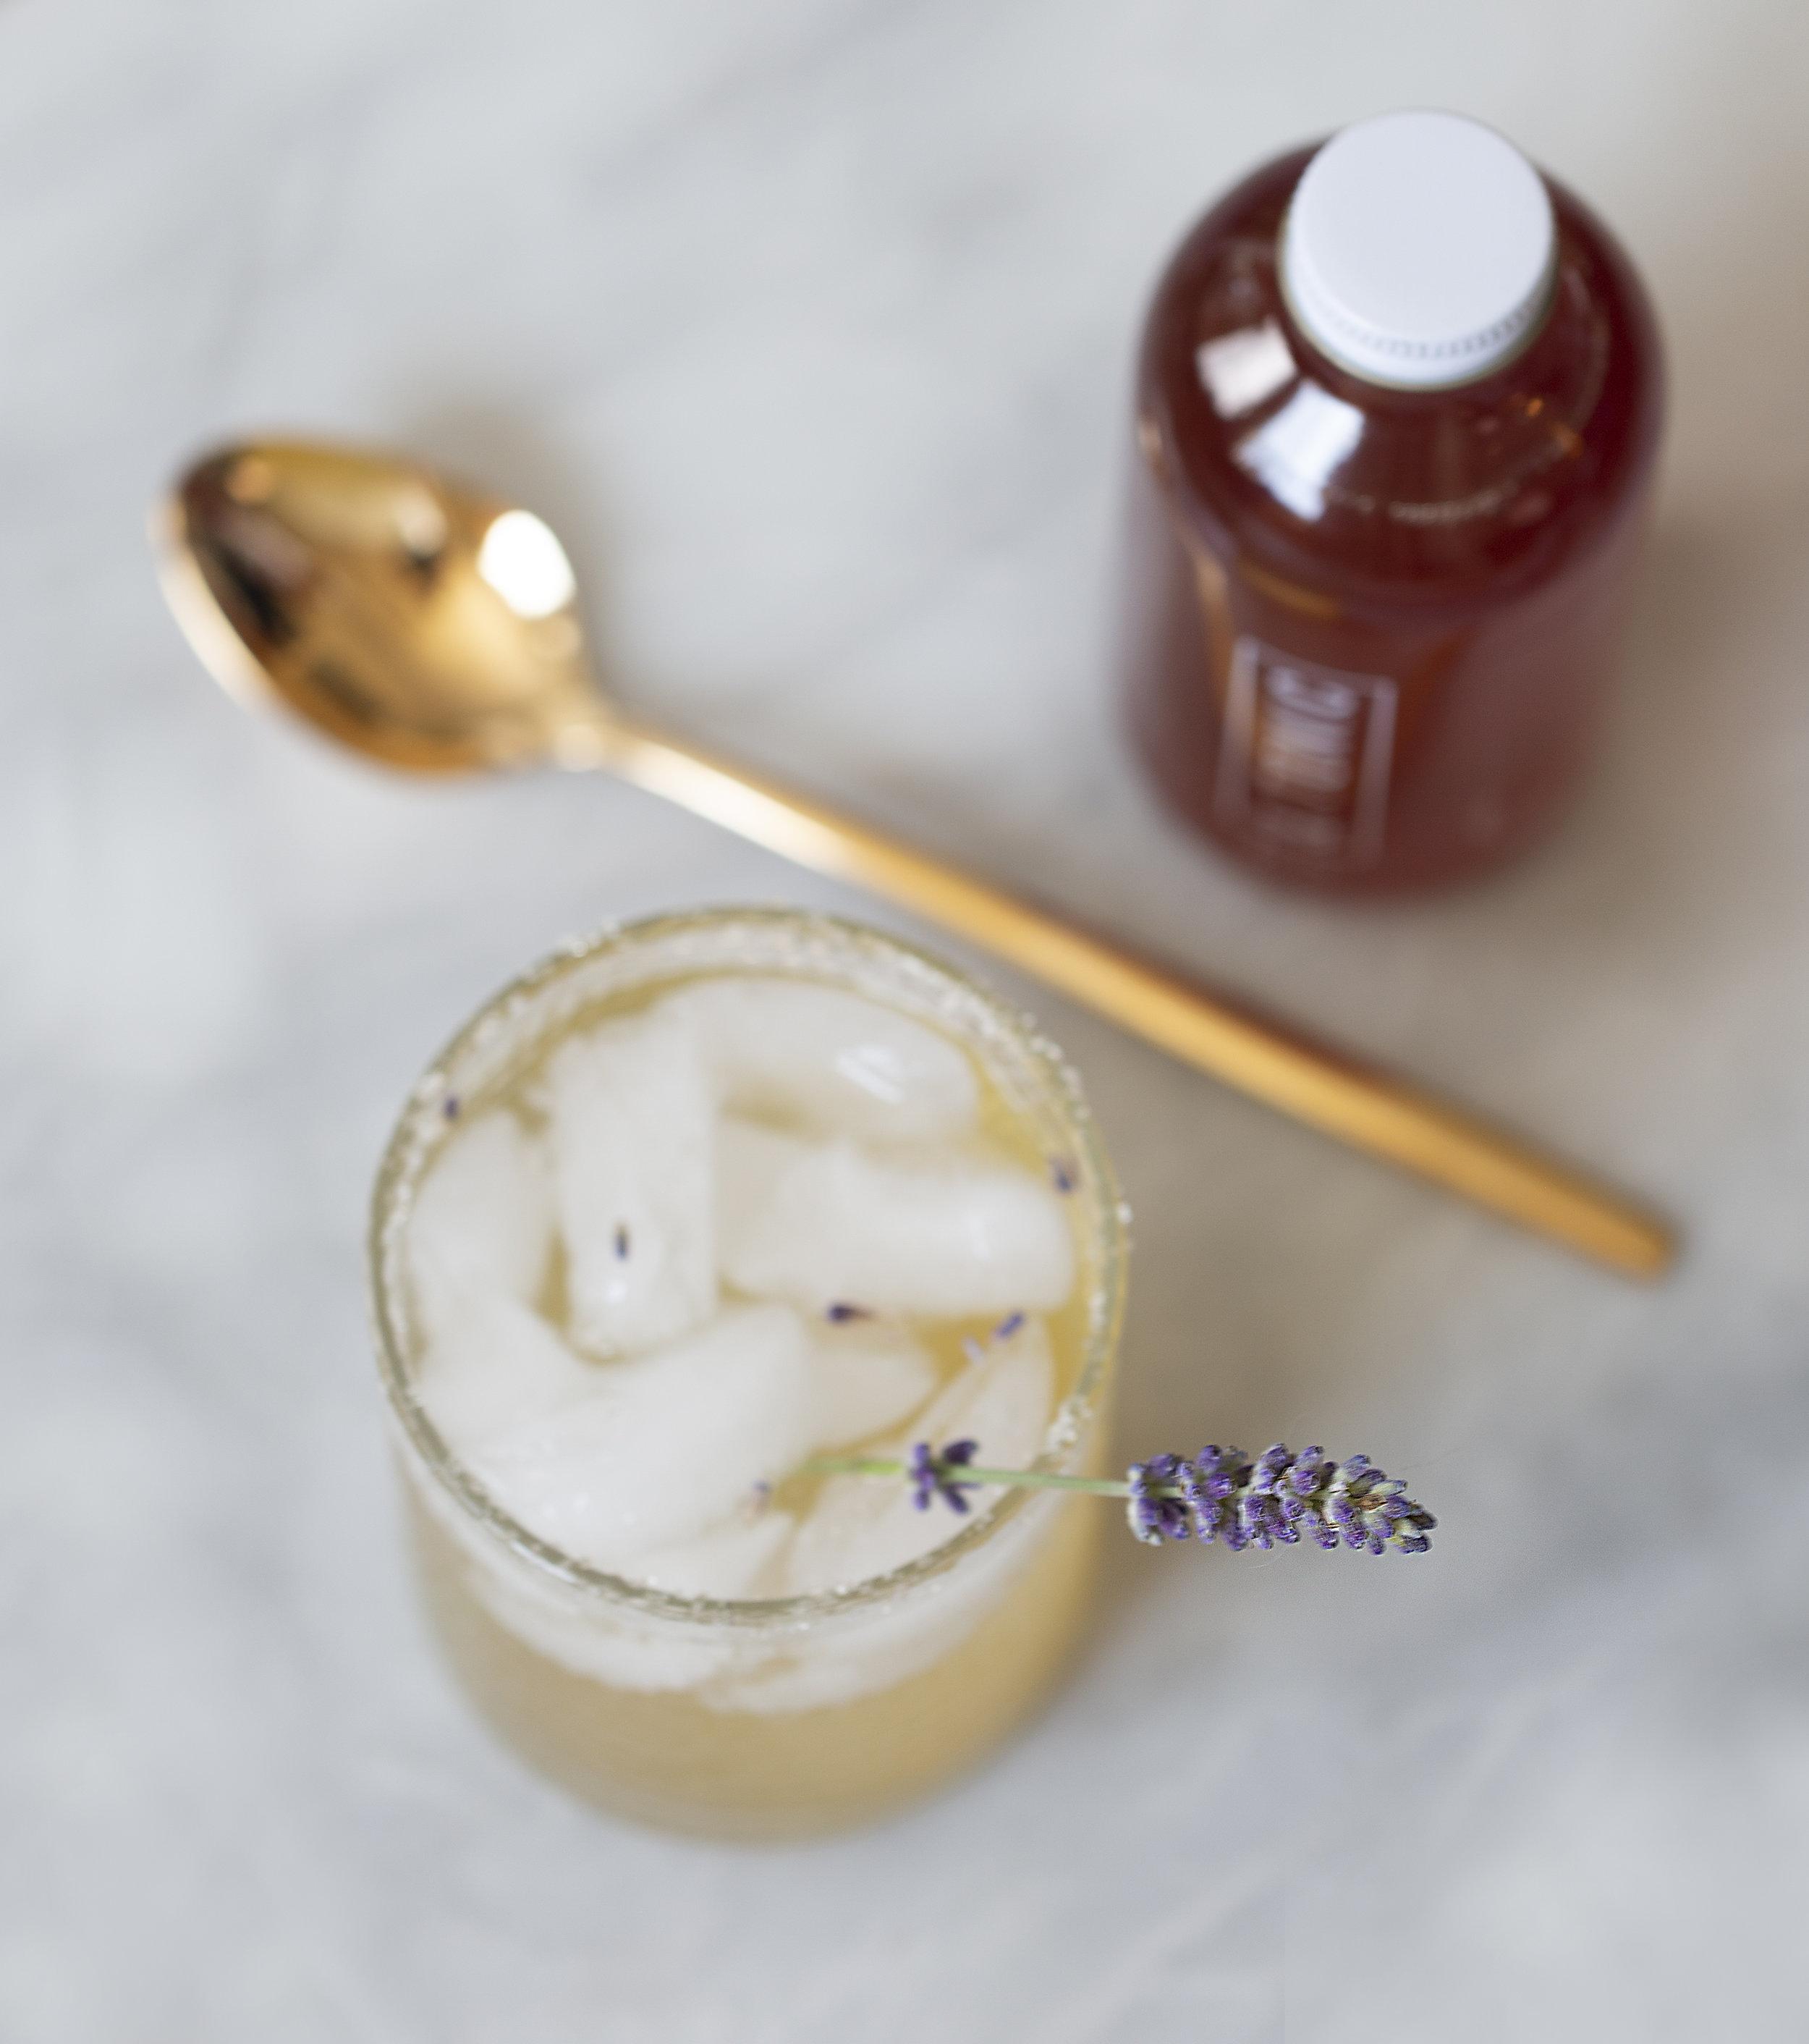 Honey lavender cocktail - 2 oz. Cognac1 1/2 oz. lemon juice3/4 oz. &Tonic3/4 oz. lavender honeyLavender to garnish